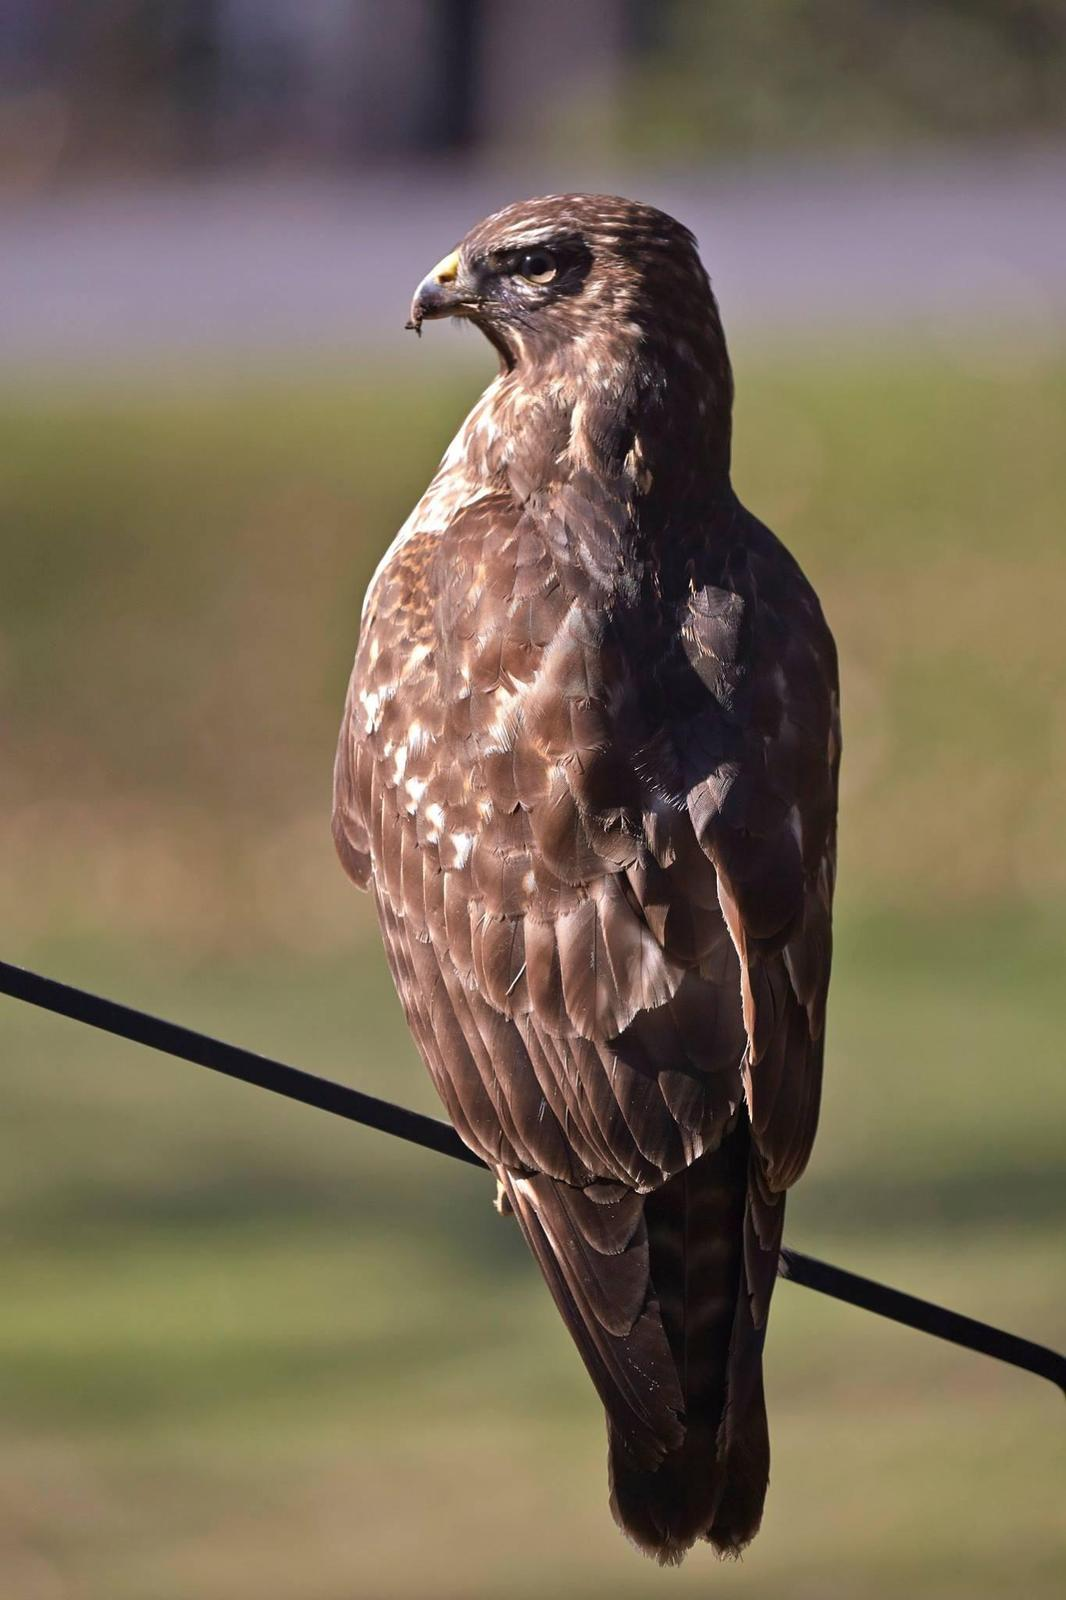 Cooper's Hawk Photo by Eric Eisenstadt